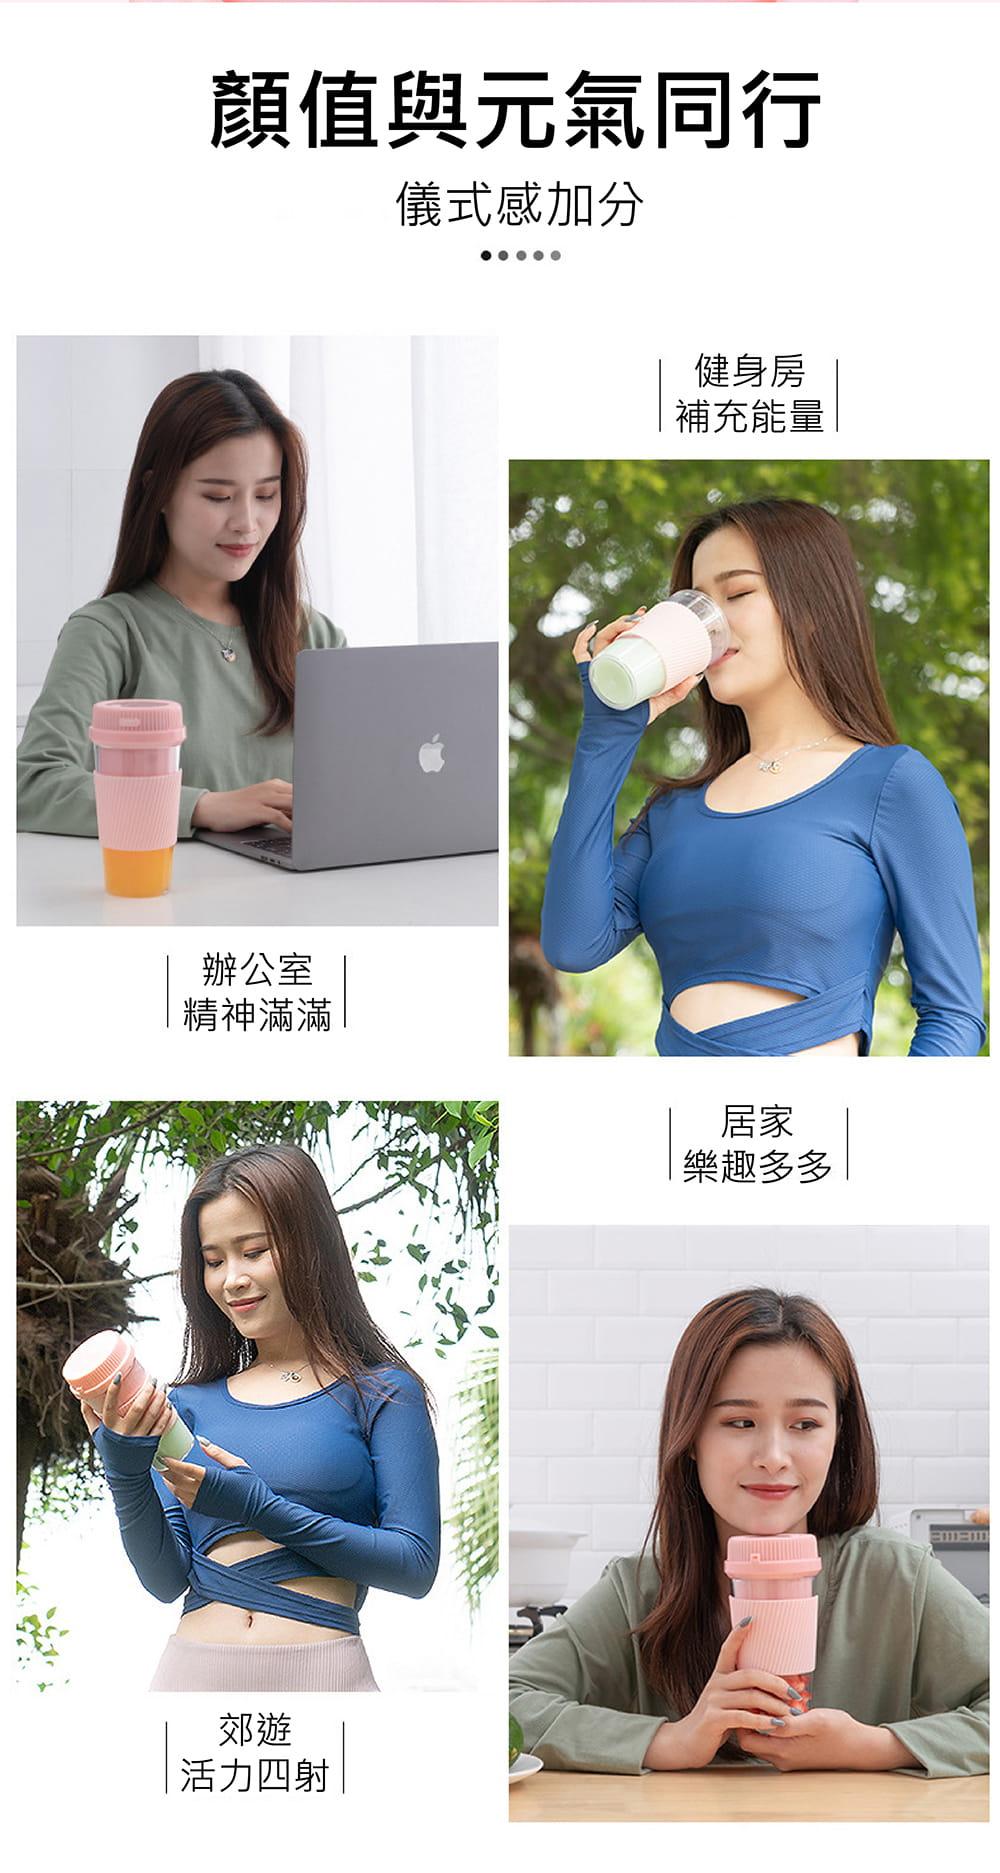 【英才星】隨身電動杯裝果汁榨汁機 4